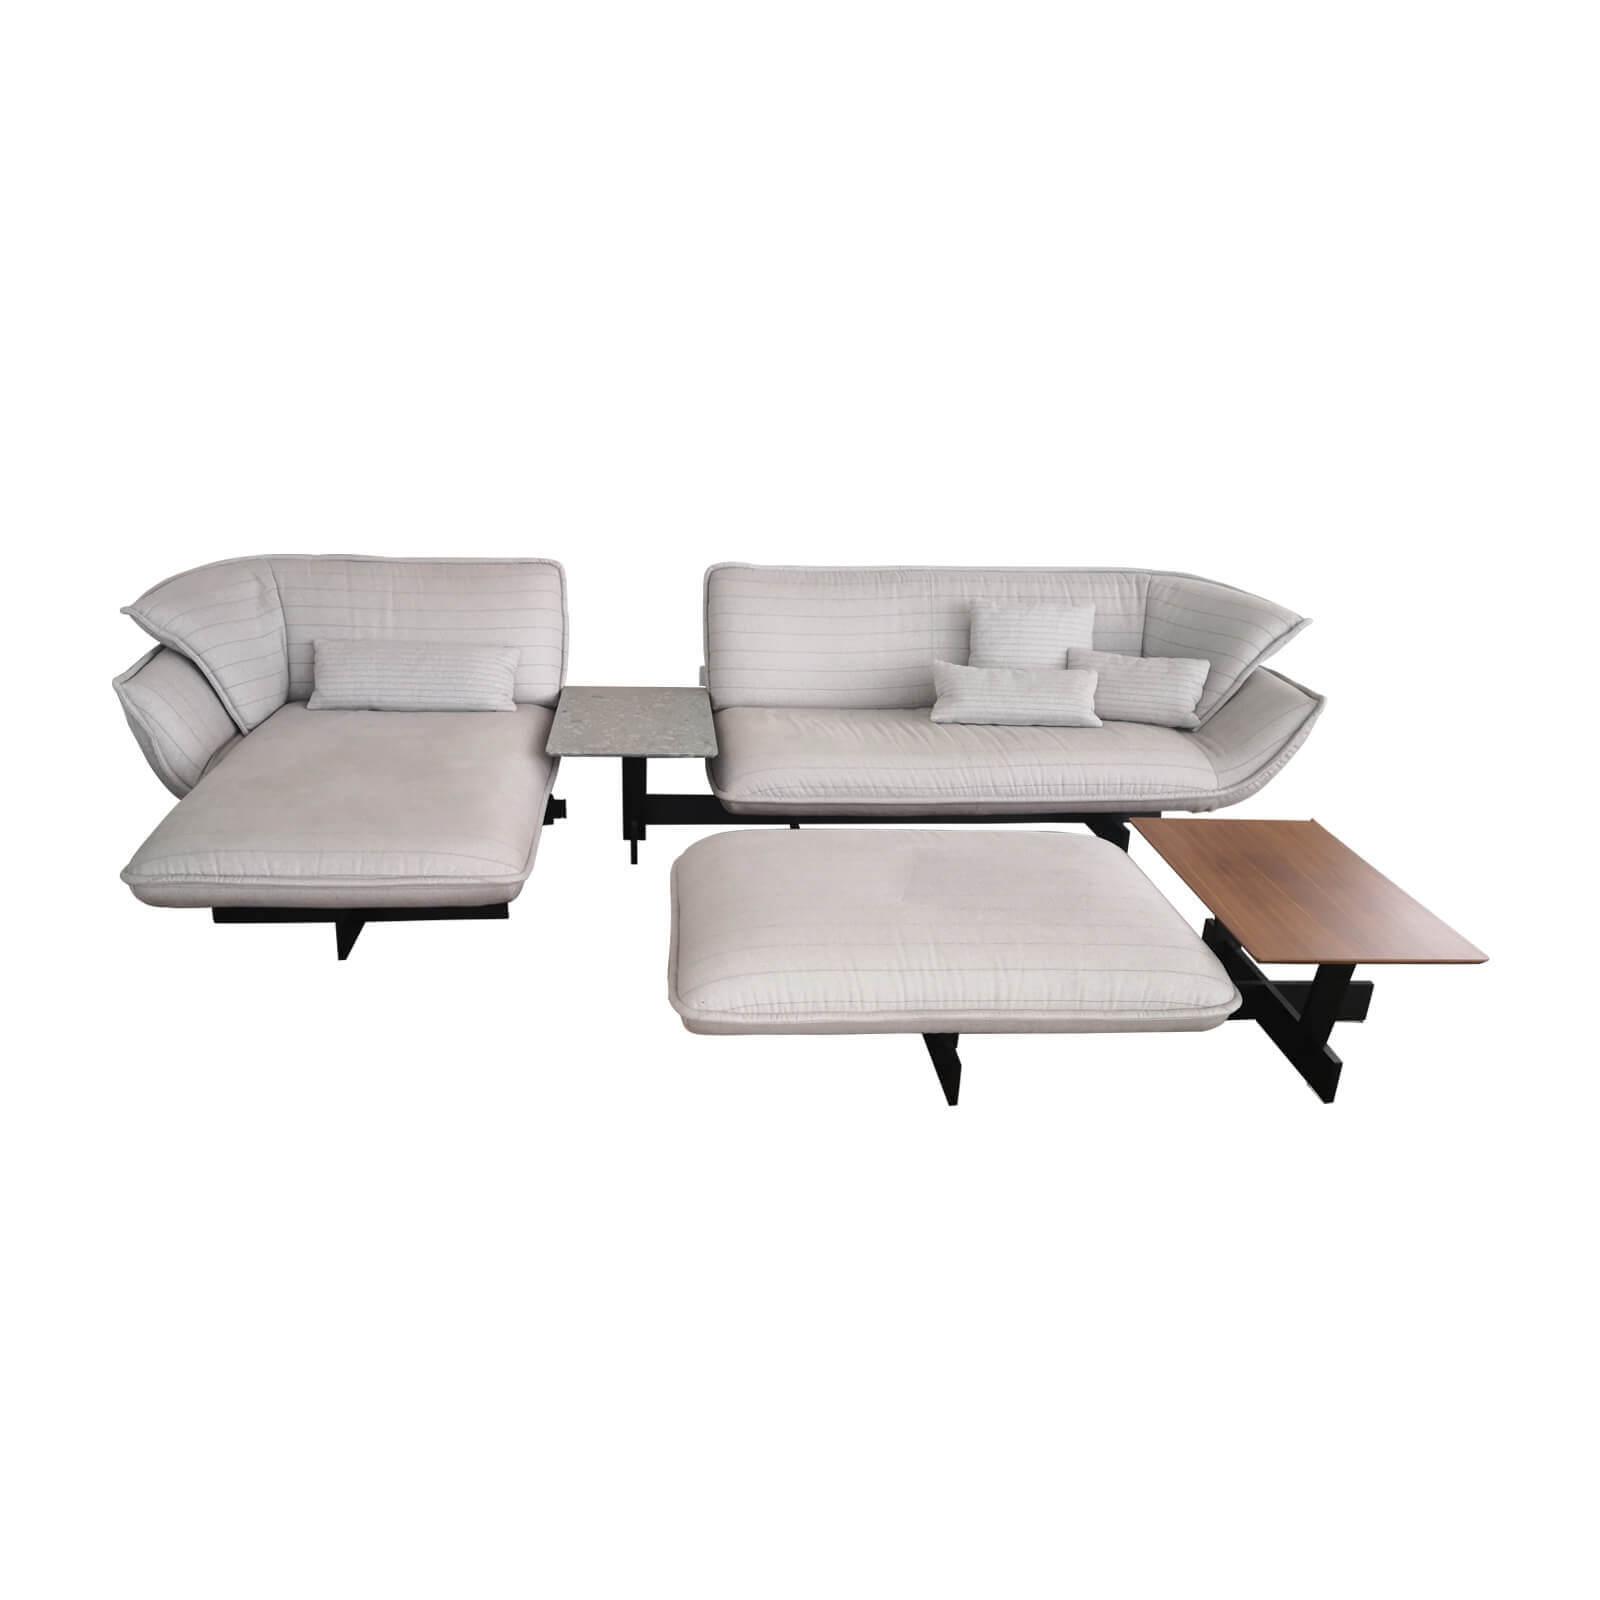 Cassina 550 Beam Sofa by Patricia Urquiola